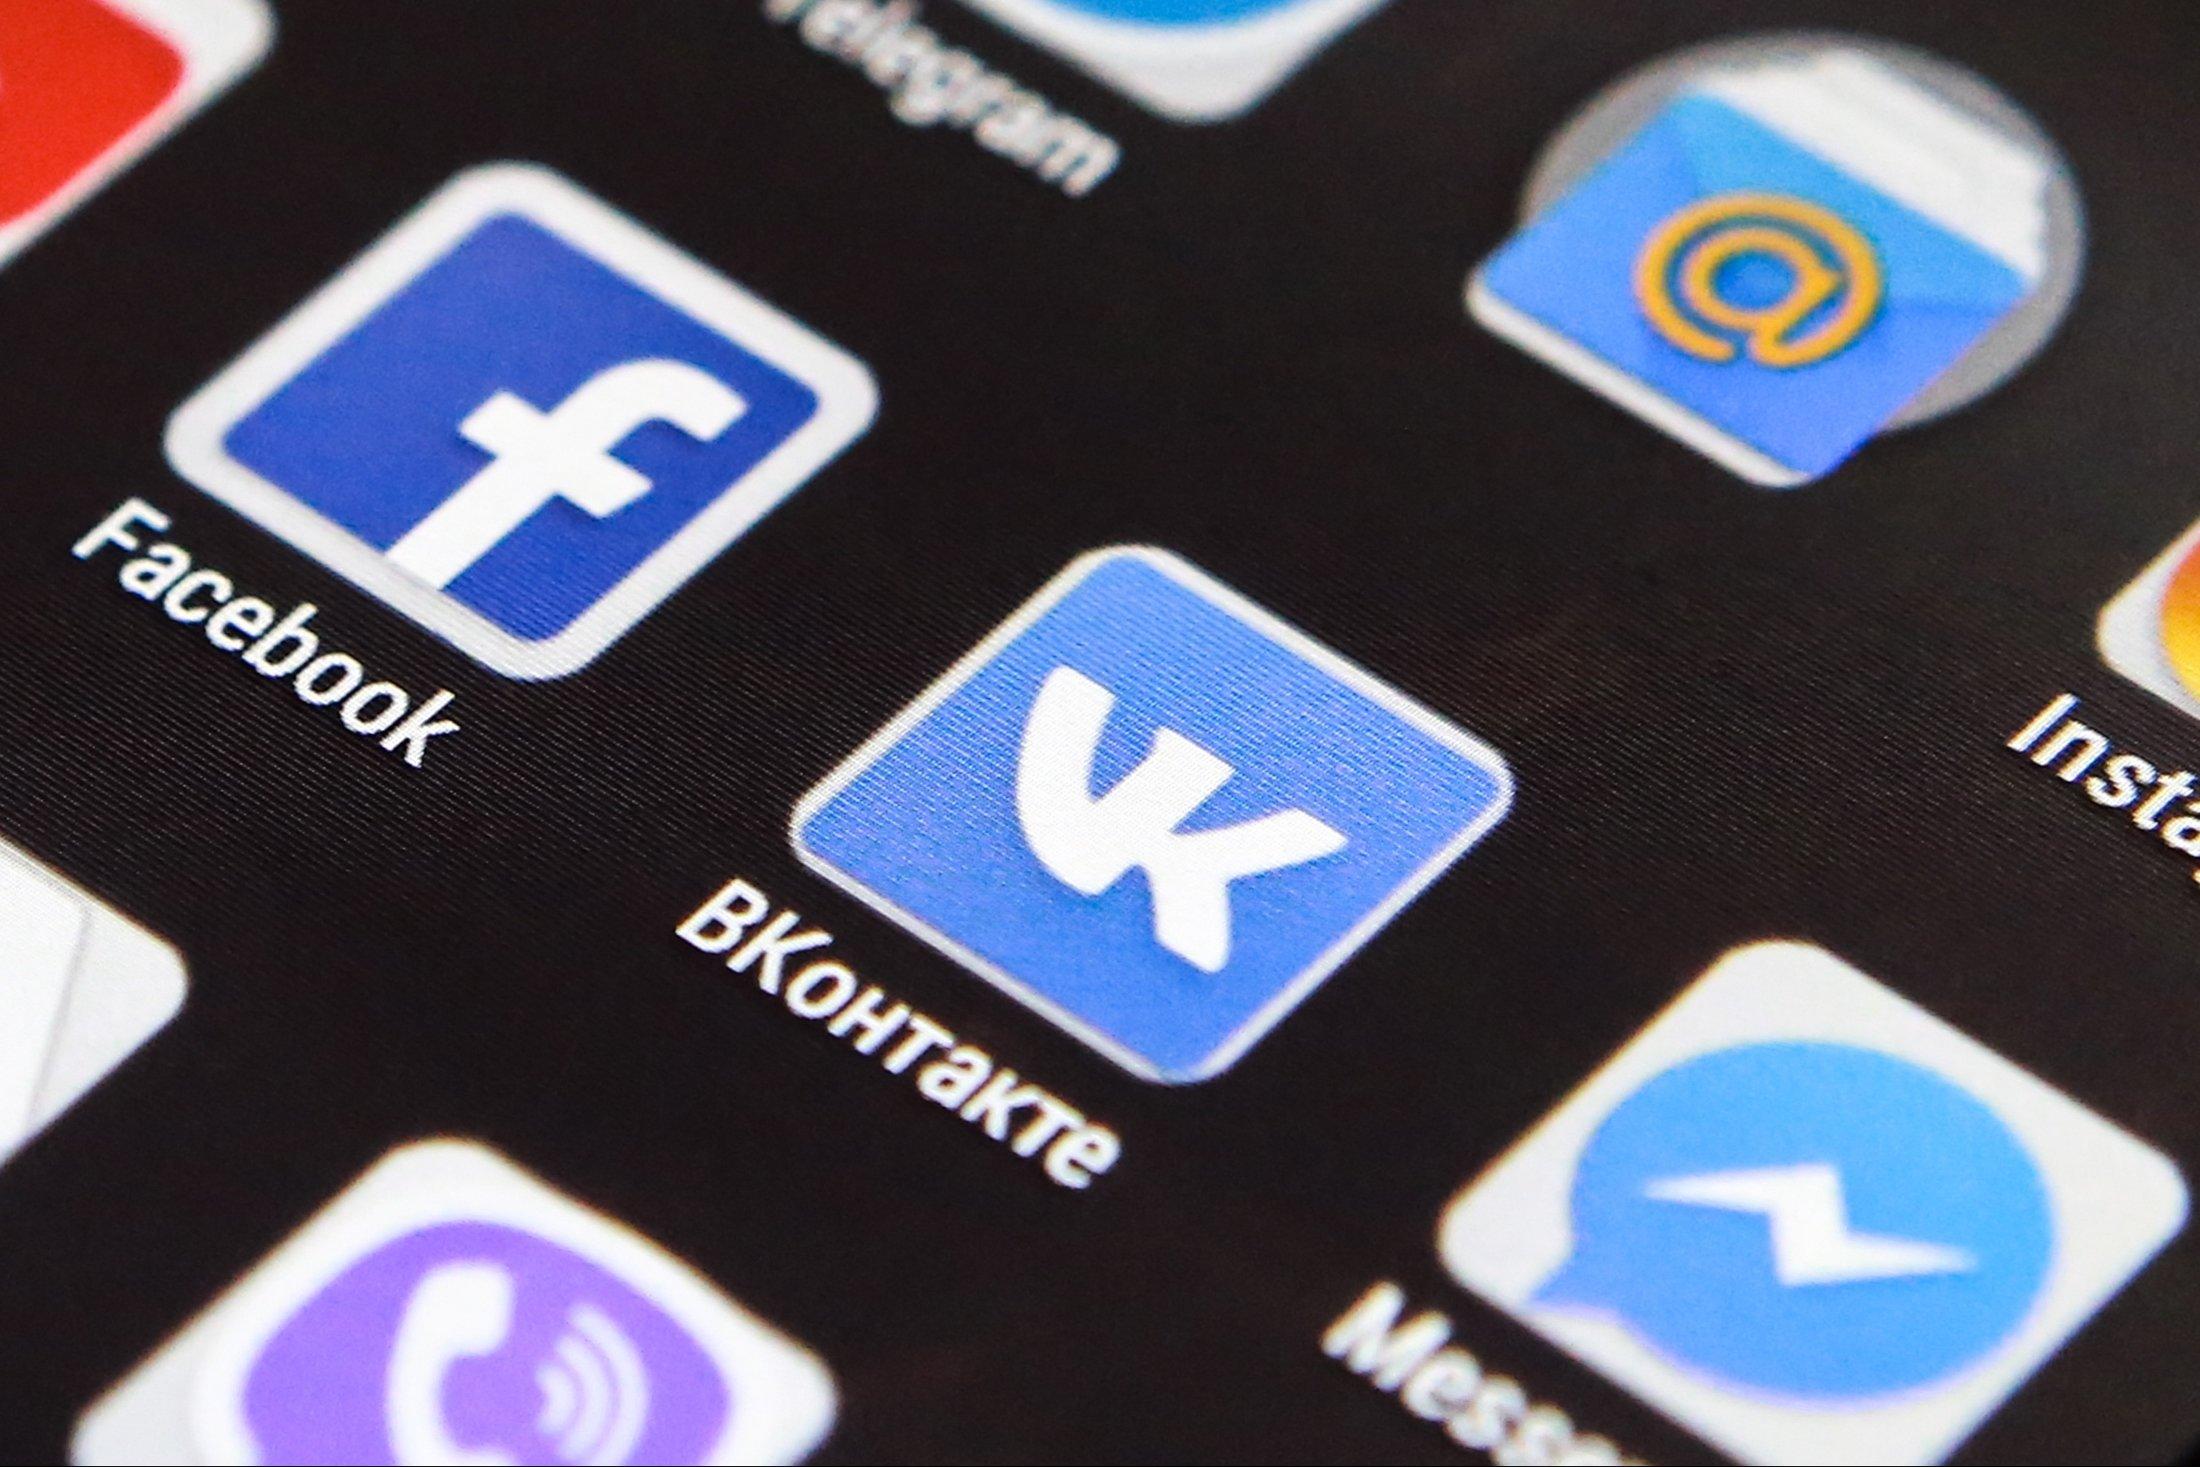 Російська соцмережа Вконтакте обійшла блокування в Україні